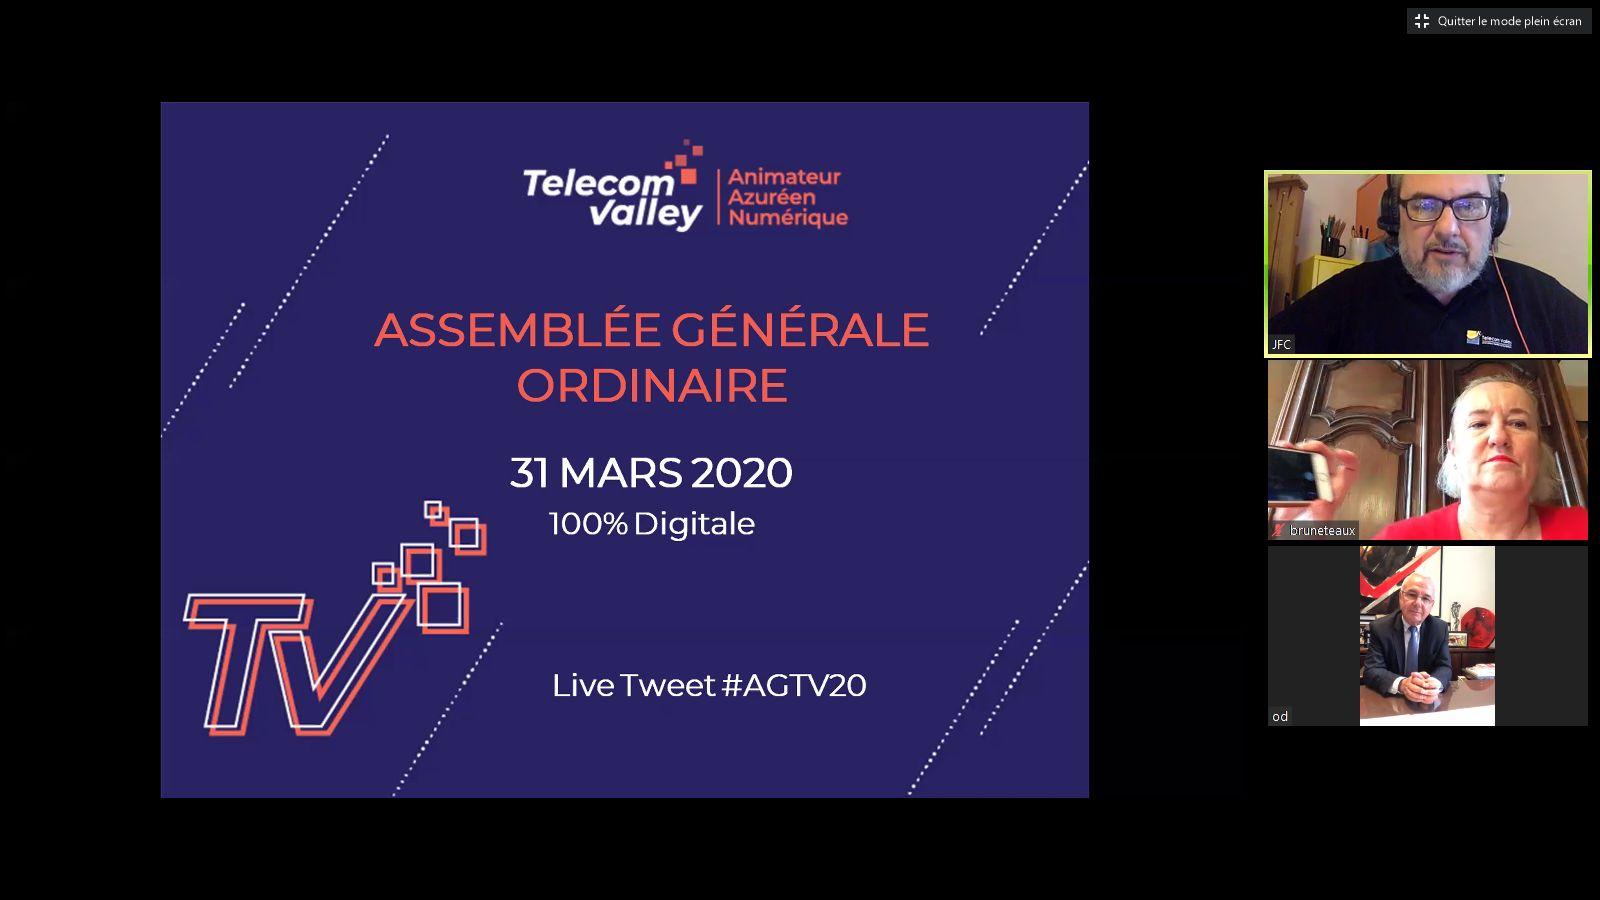 Assemblée générale Telecom Valley 2020.jpg